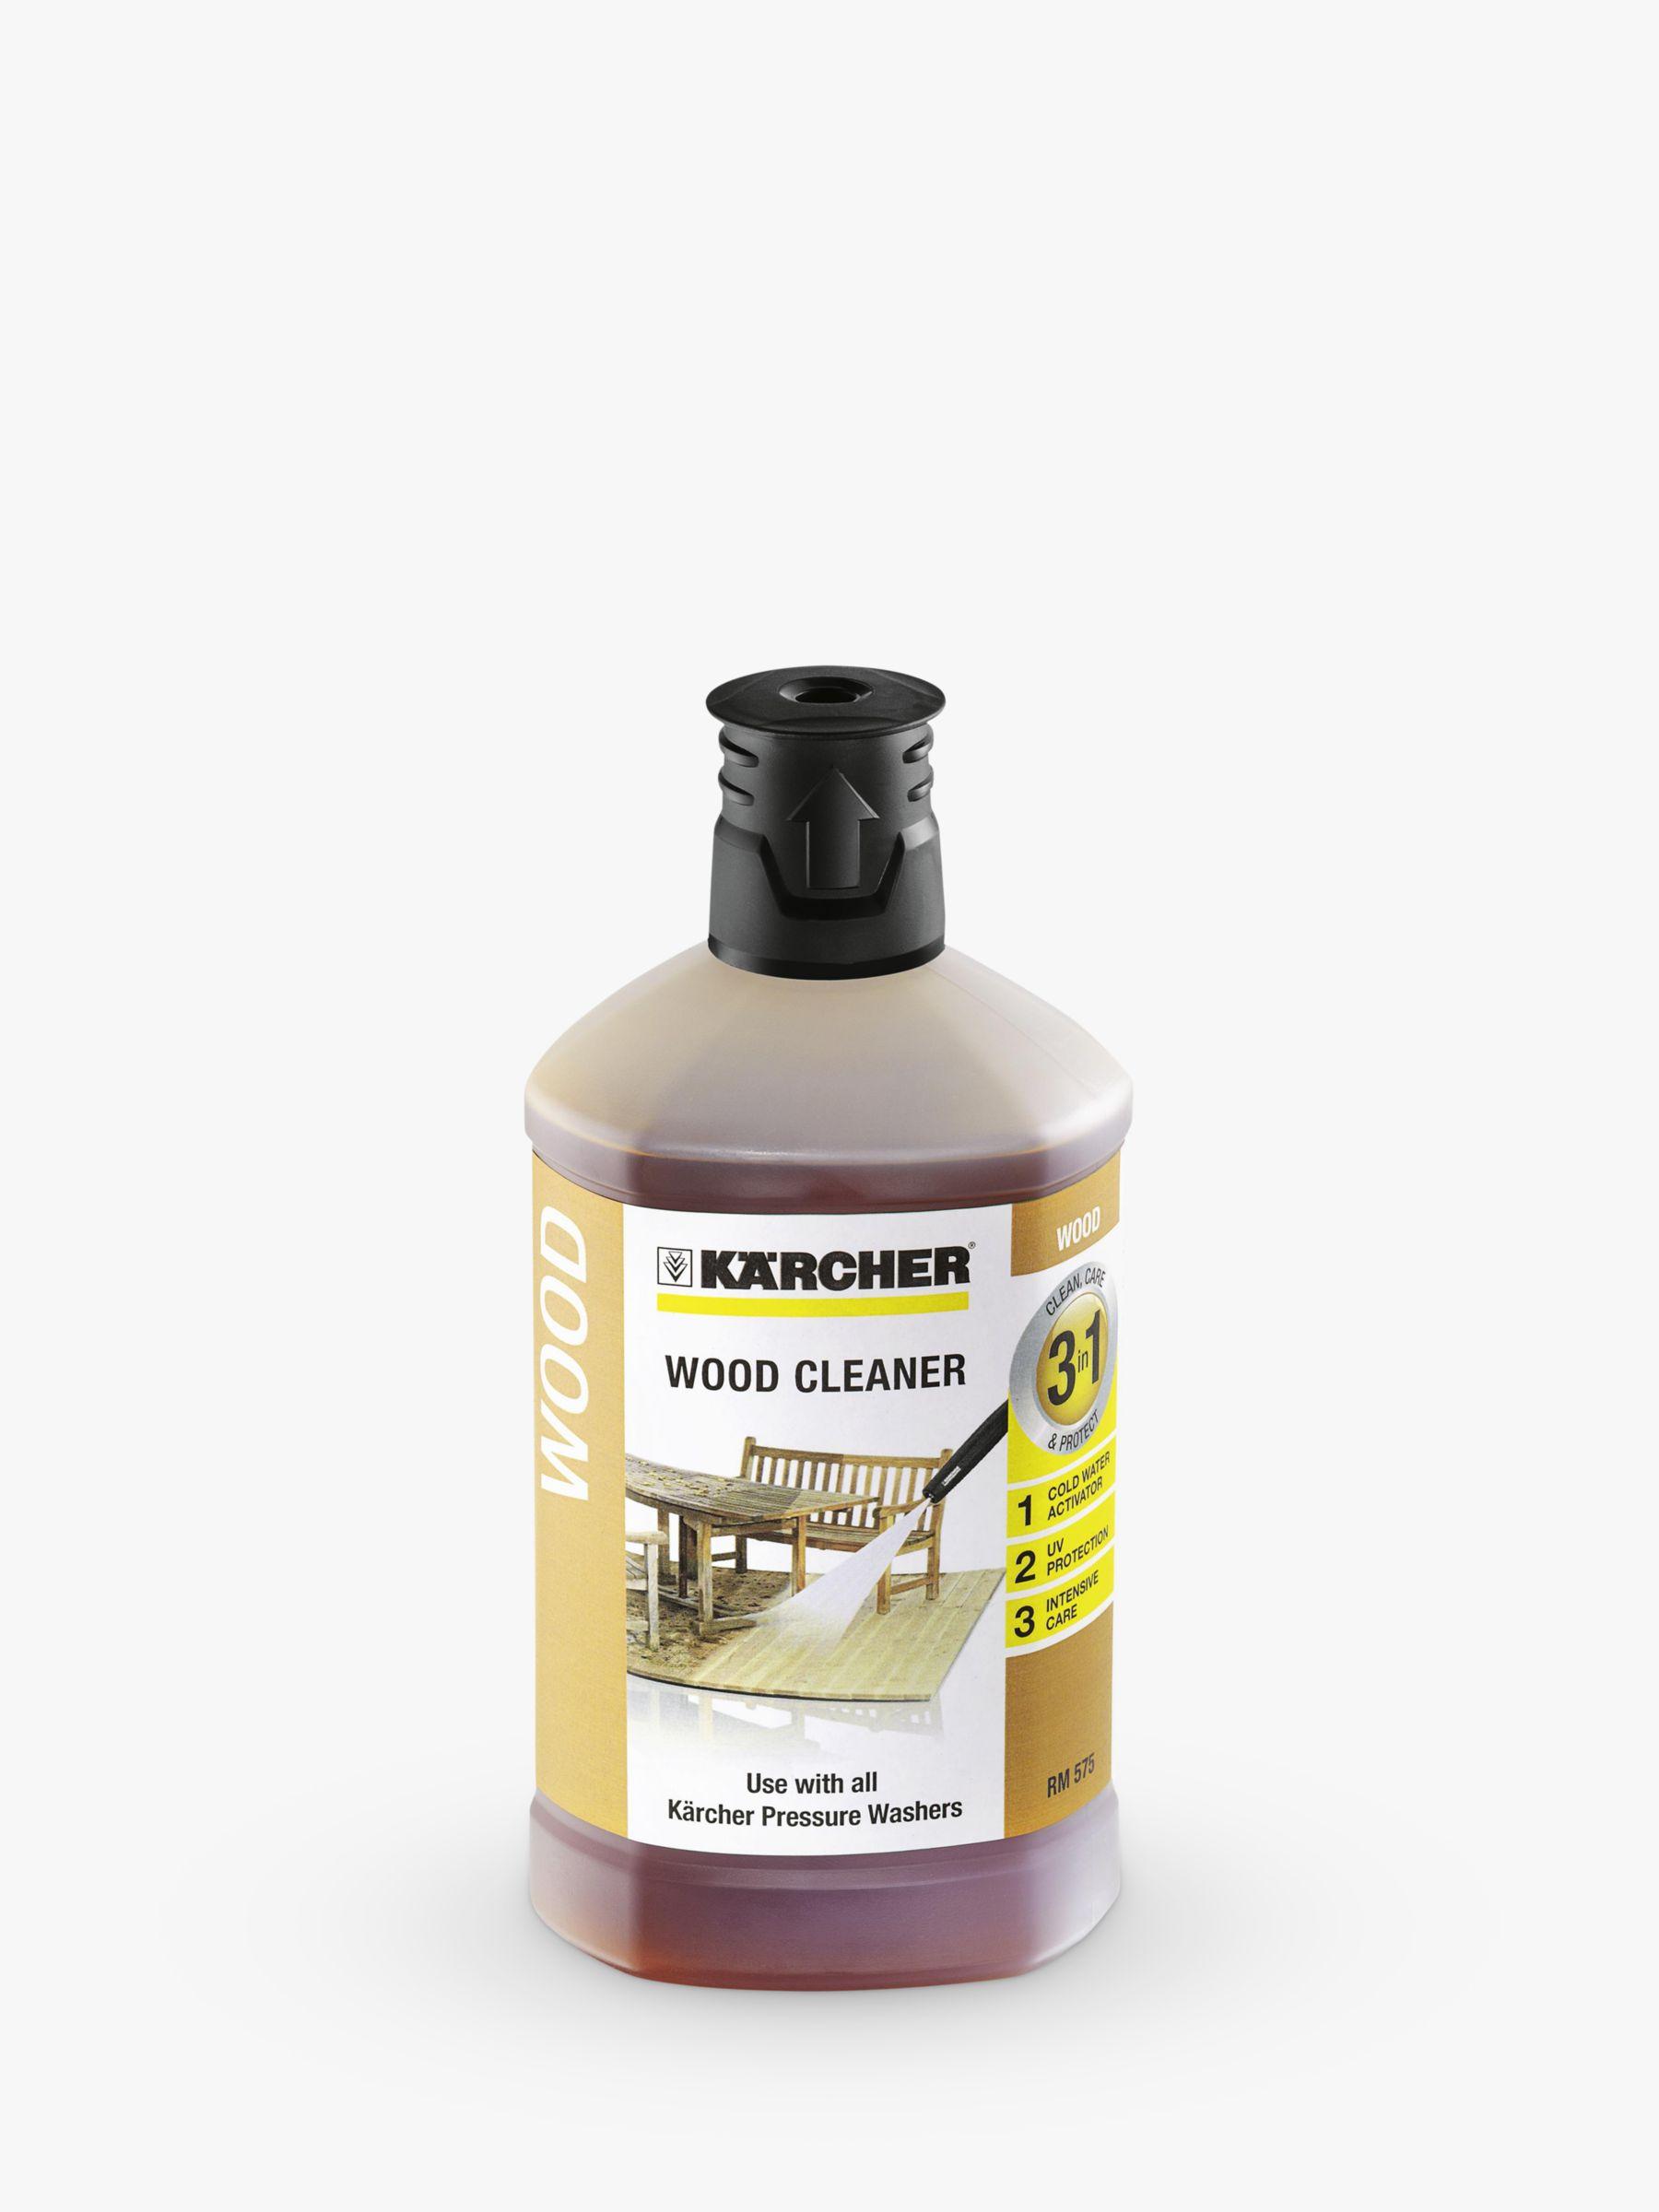 Karcher Kärcher 3-in-1 Wood Cleaner, 1L